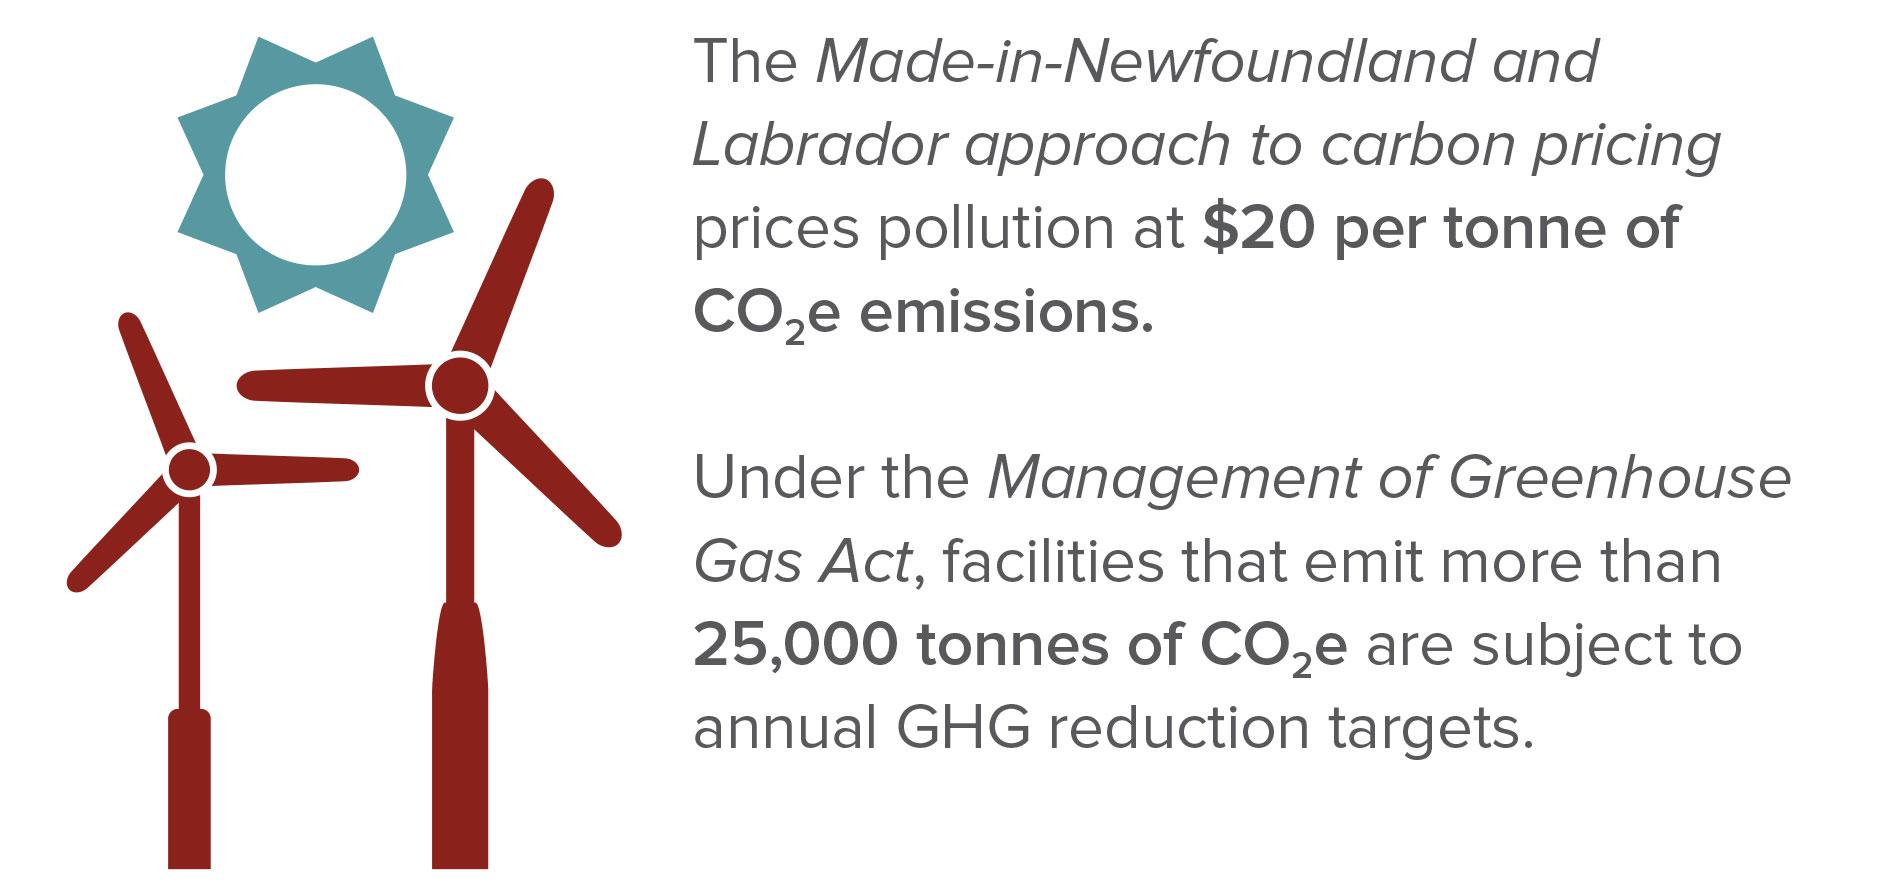 Carbon & Greenhouse Gas Legislation - Newfoundland & Labrador